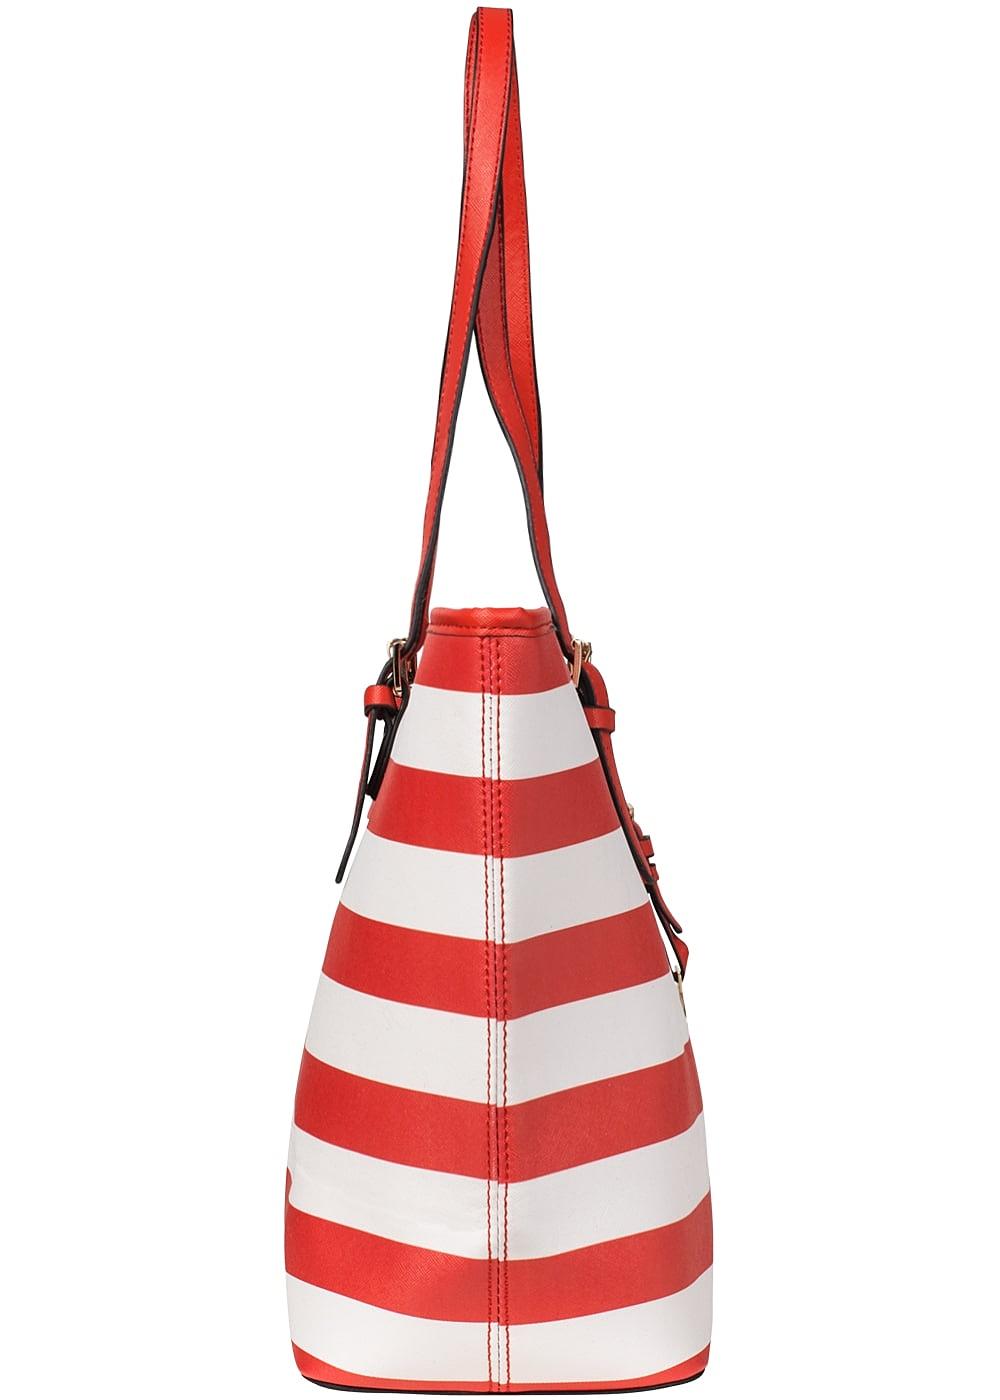 6adeff84e74b9 Styleboom Fashion Damen Handtasche rot weiss - 77onlineshop